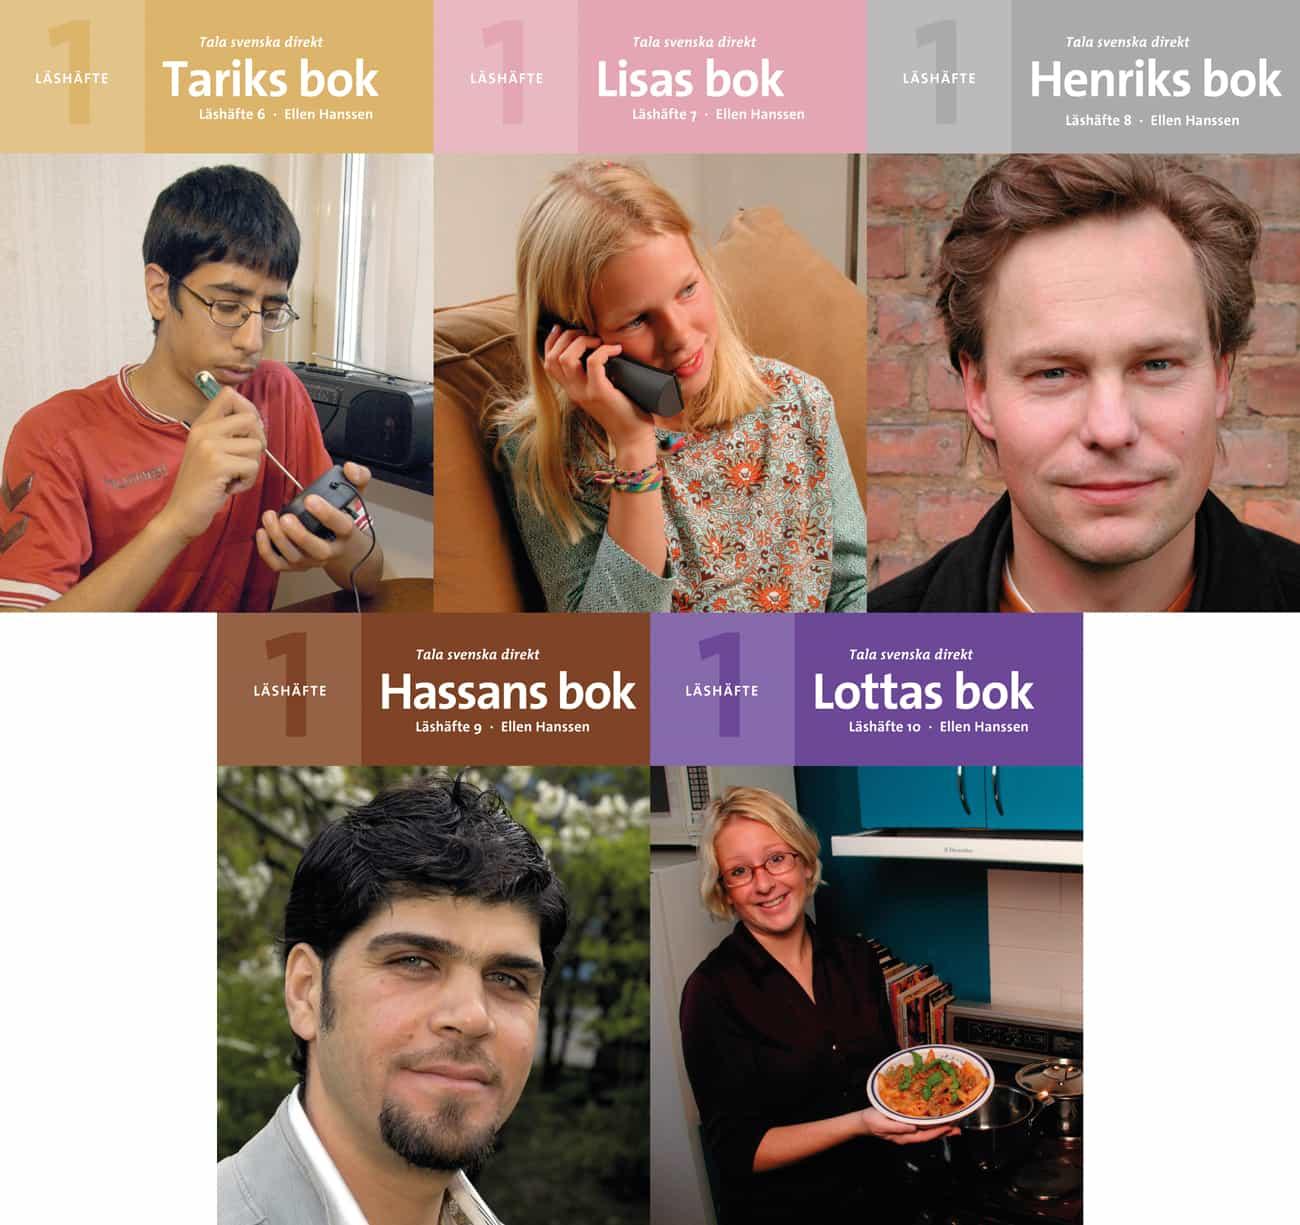 Tala svenska direkt Läshäfte 6-10 av Ellen Hanssen